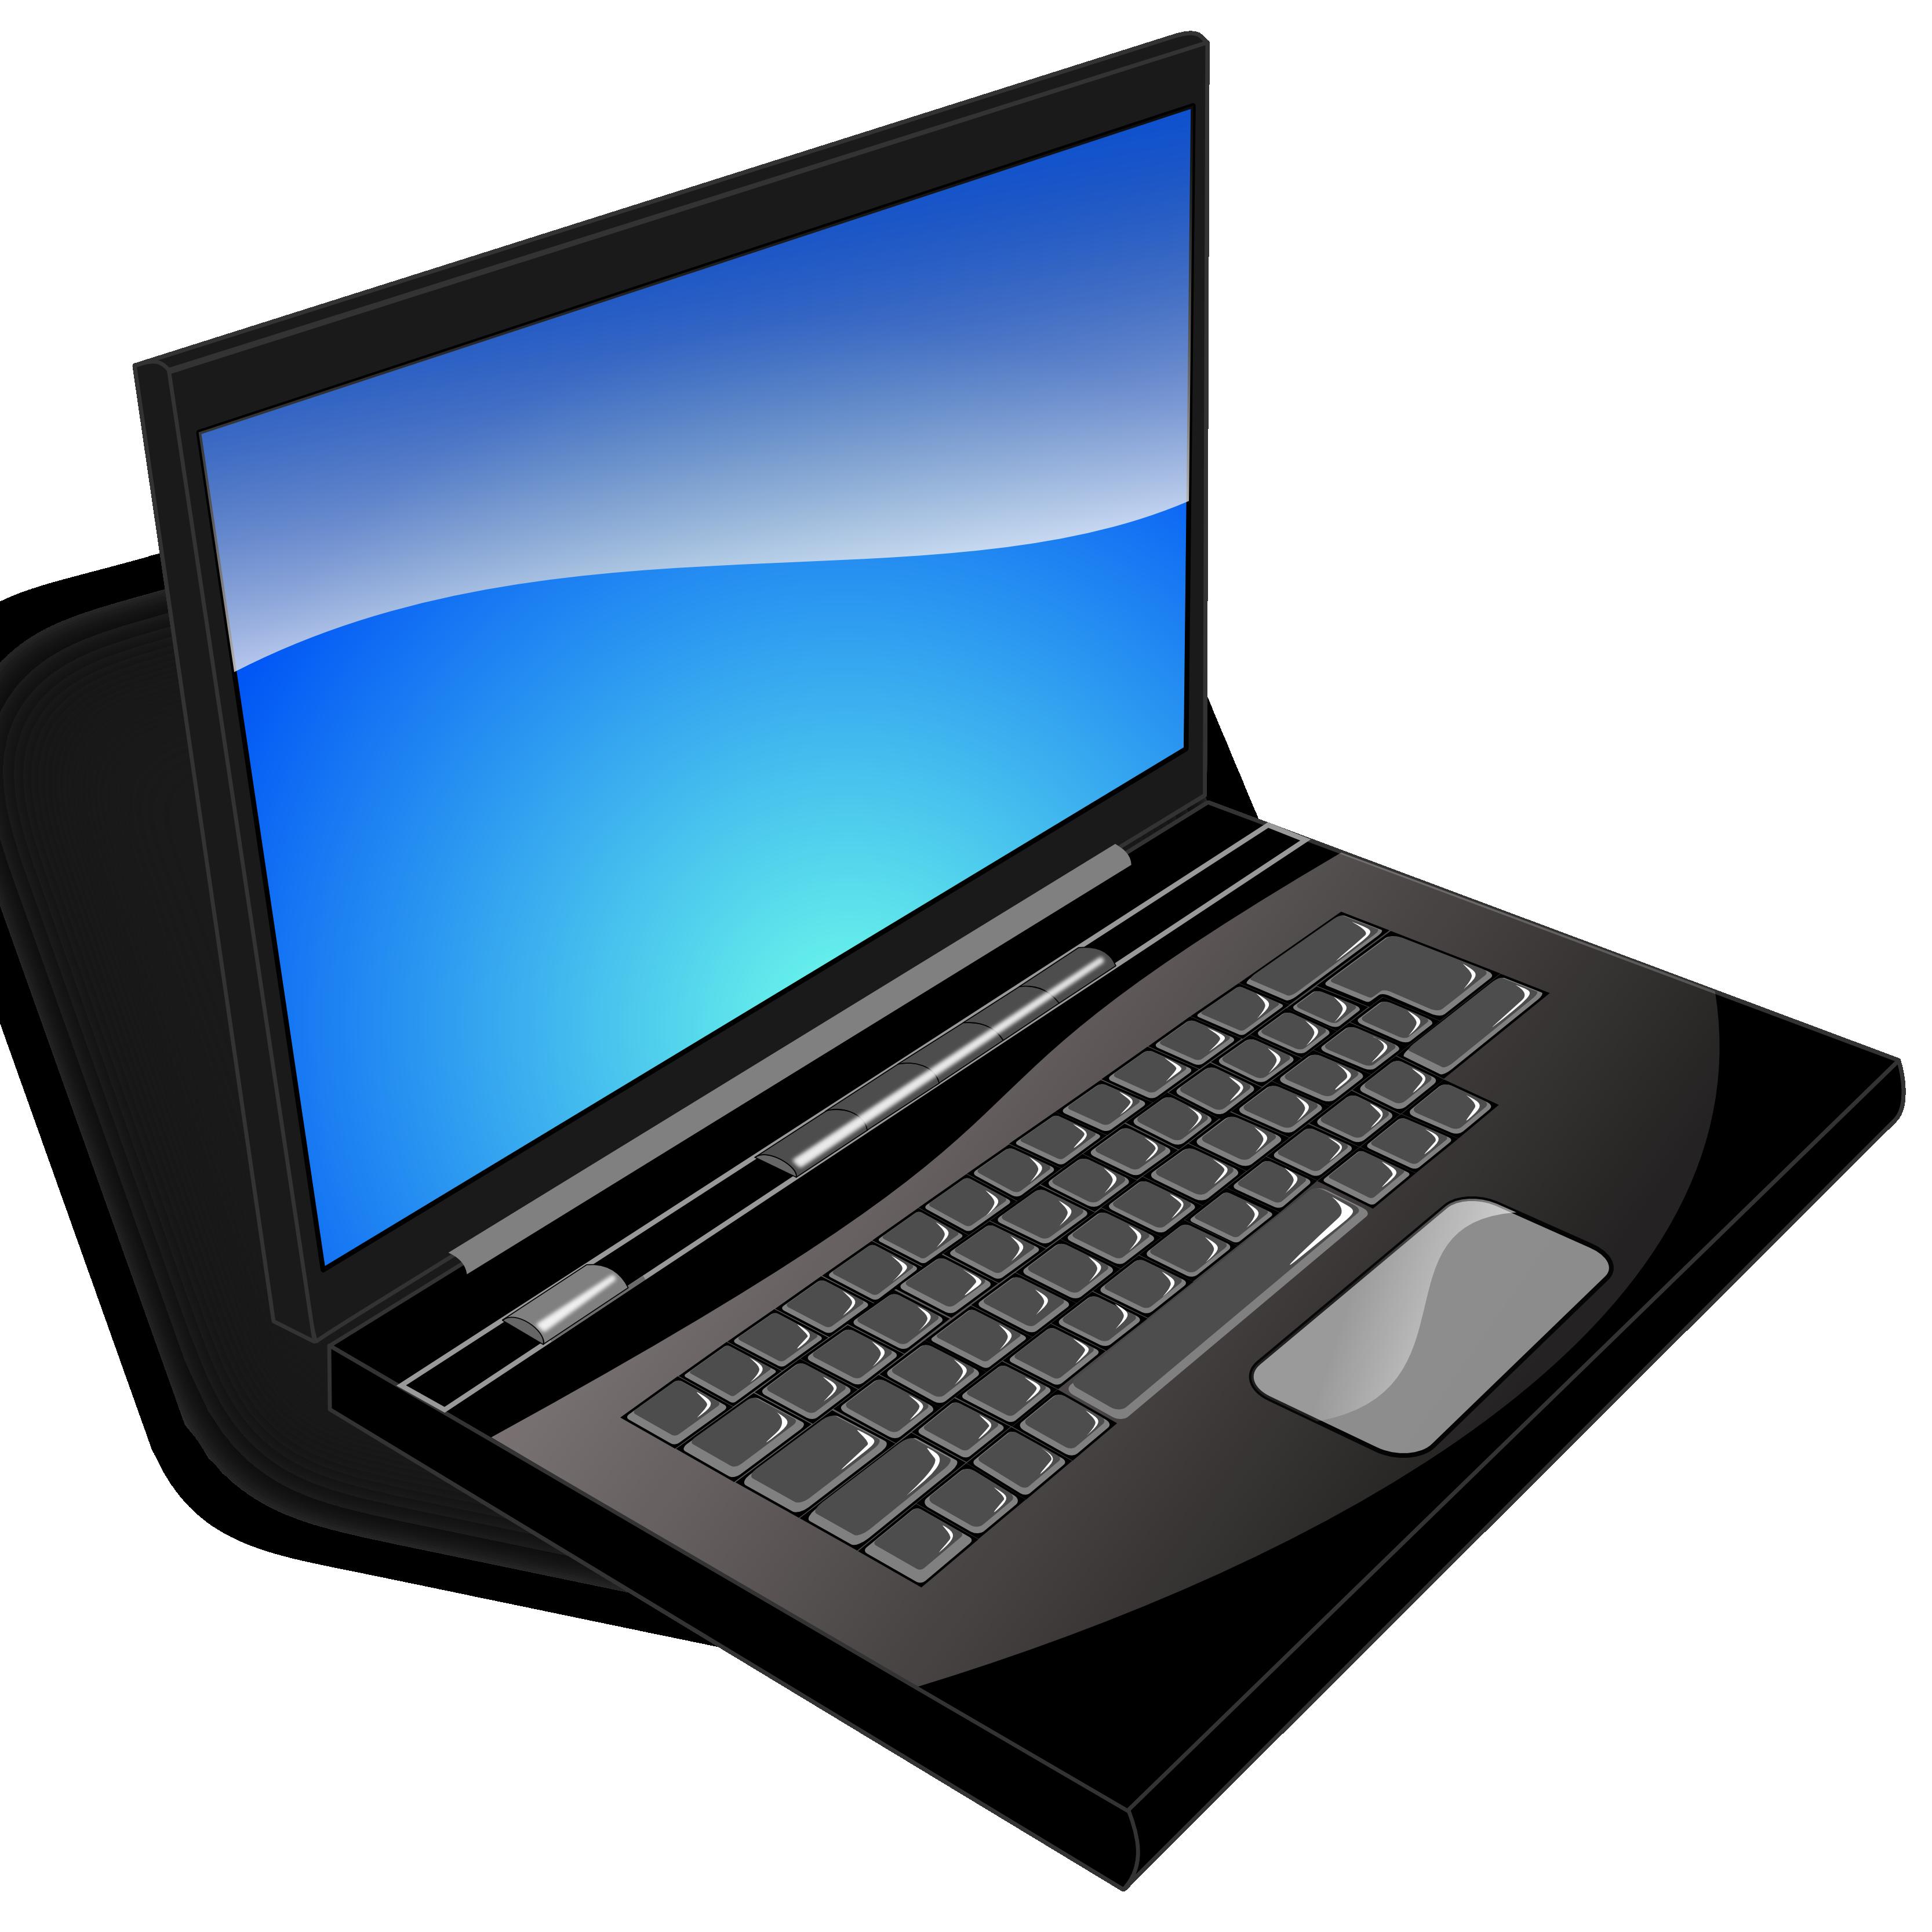 Laptop Png.